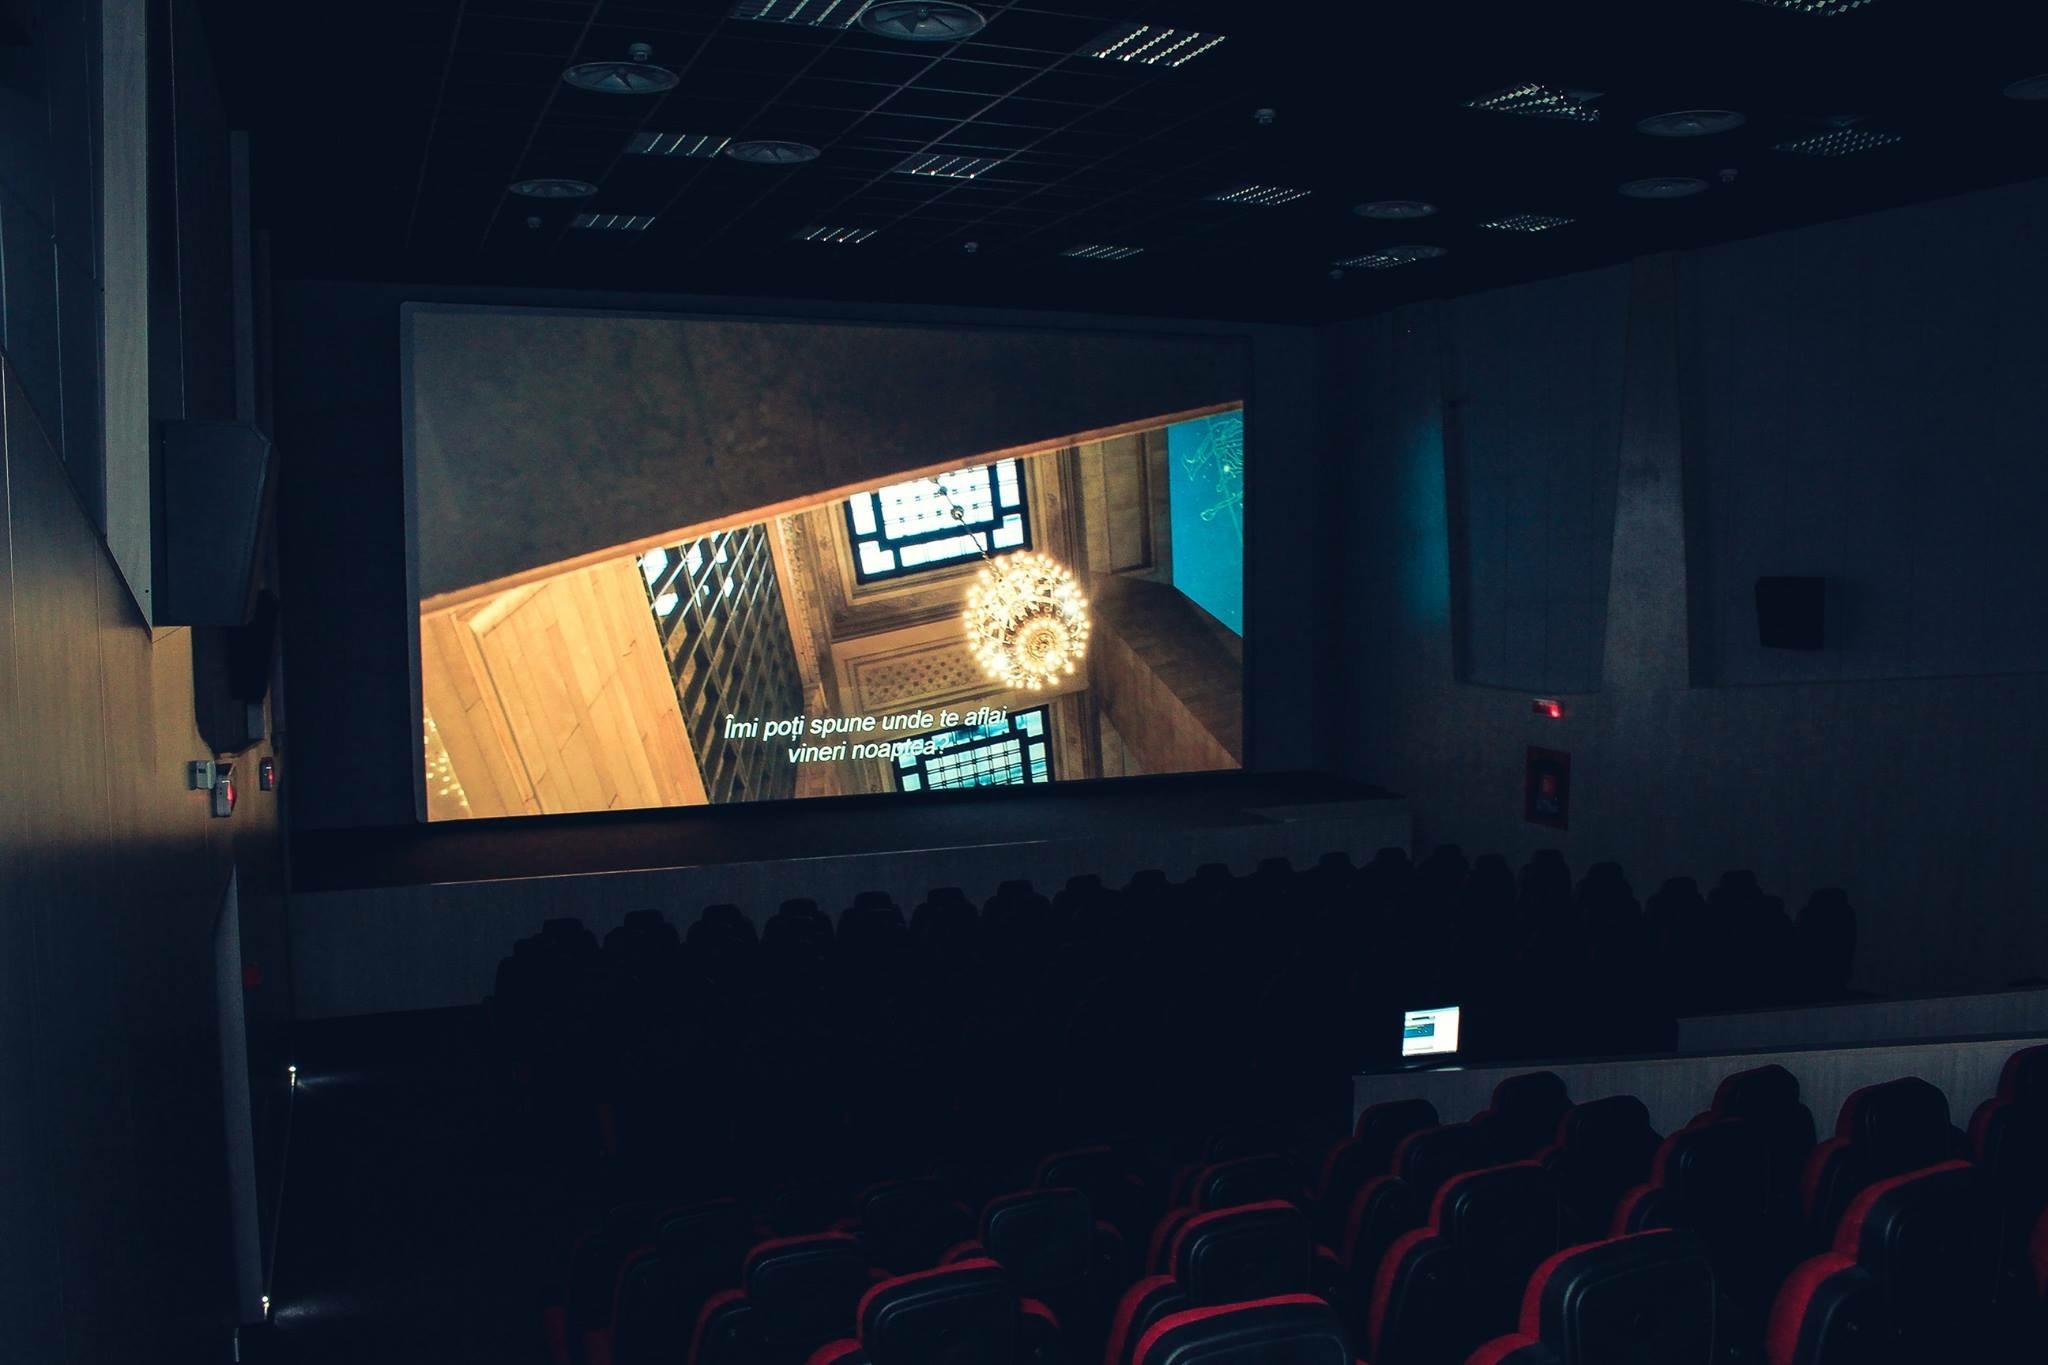 Iată programul filmelor care se pot viziona în perioada 14-20 octombrie la Cinema Dacia din Bistrița. Cât costă un bilet